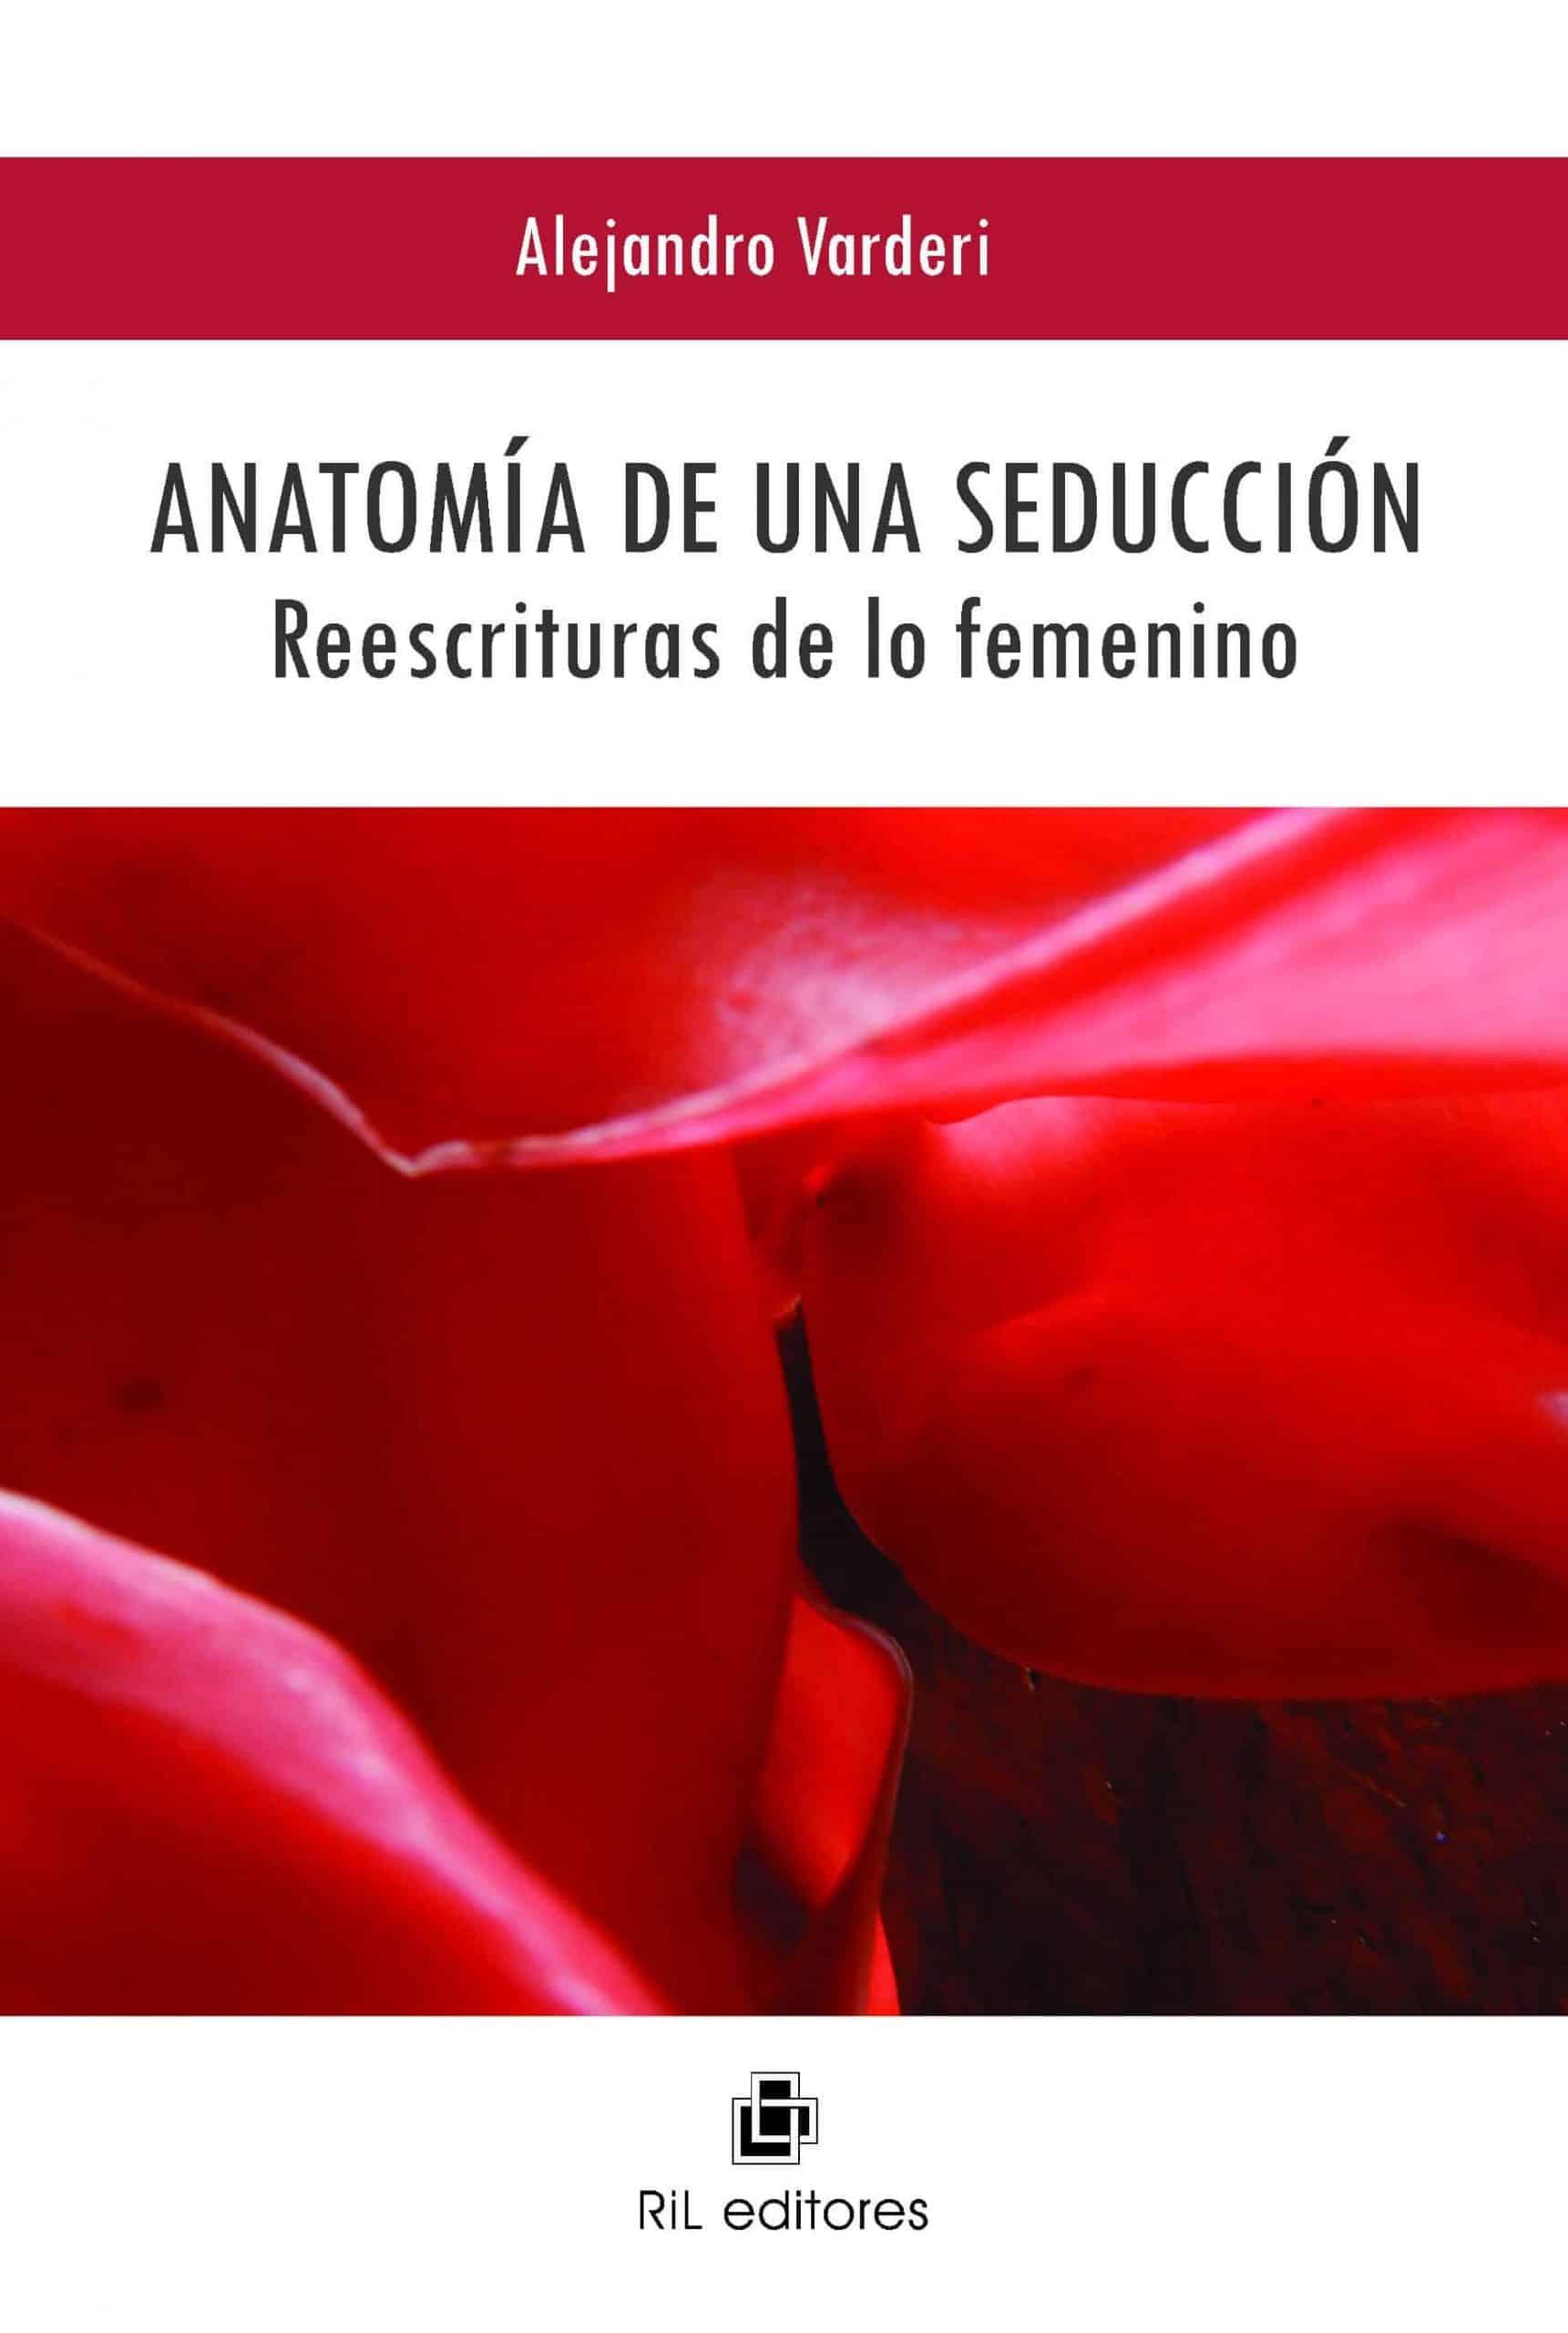 Anatomía de una seducción: reescrituras de lo femenino 1